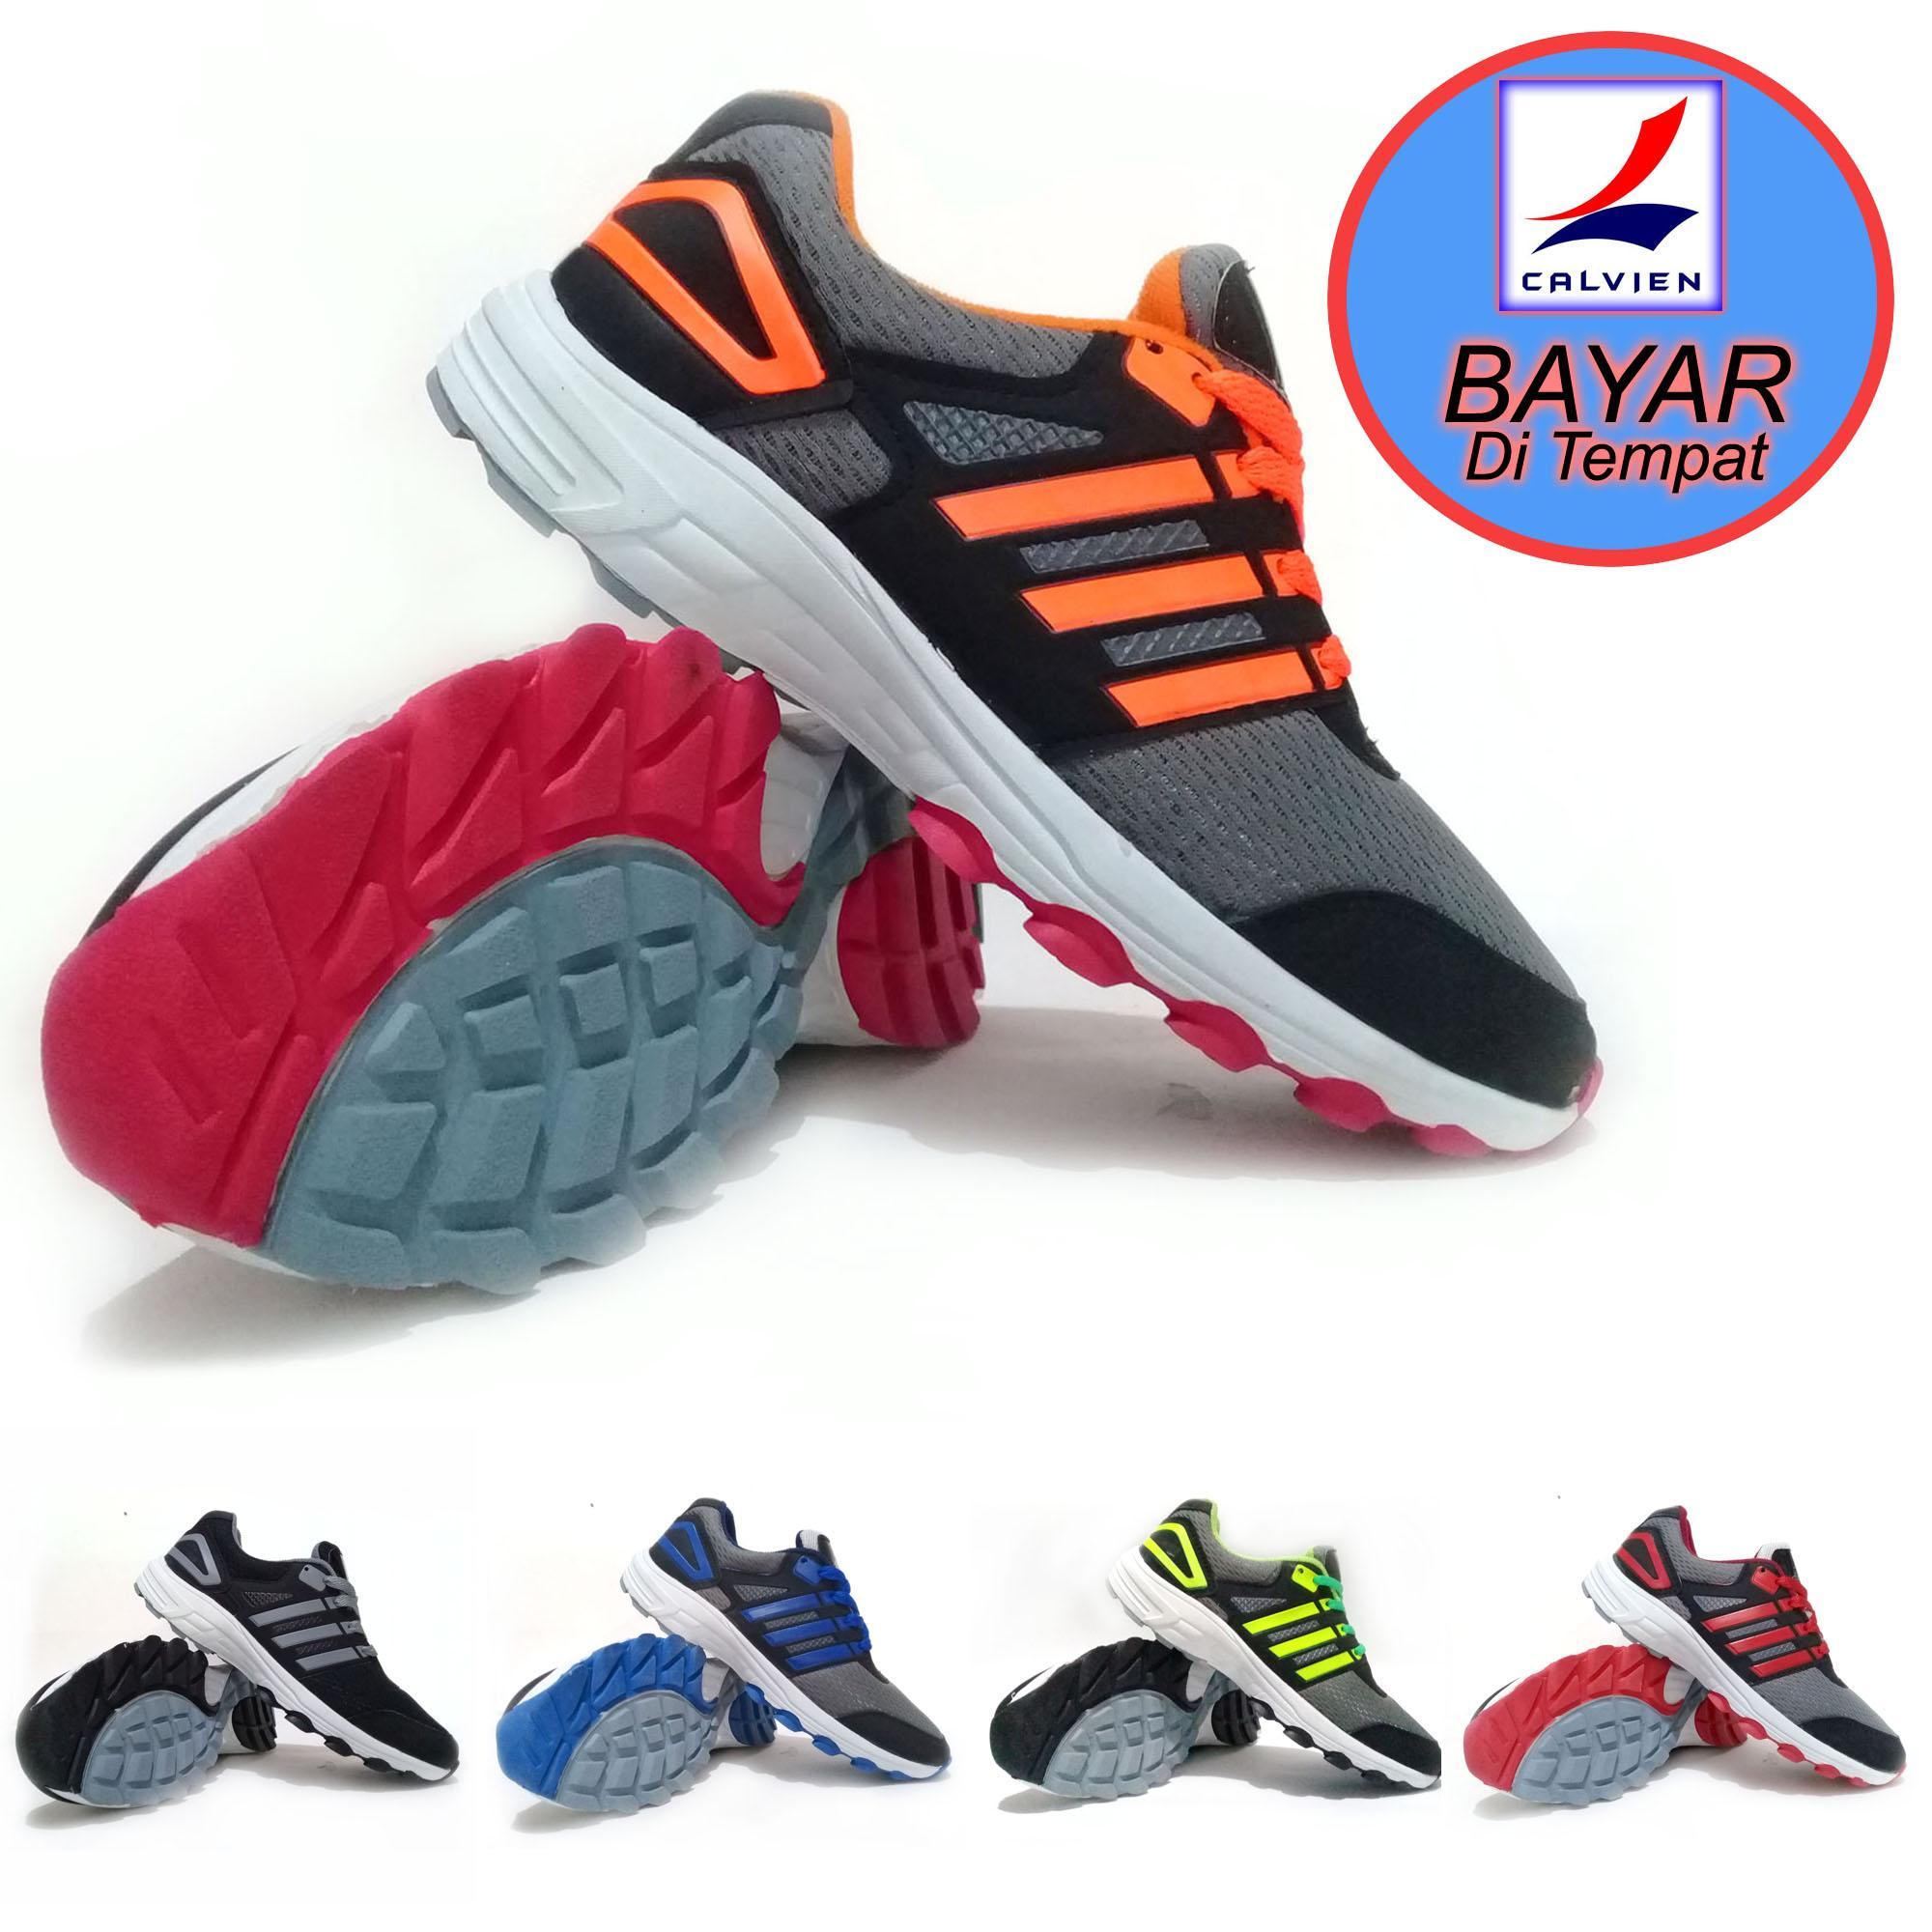 Calvien Sepatu Kets Sneakers dan Kasual pria/Sepatu Sneakers Pria/Sepatu Pria/Sepatu Sneakers Pria/Sepatu Murah/Sepatu Olah Raga Kode ADV